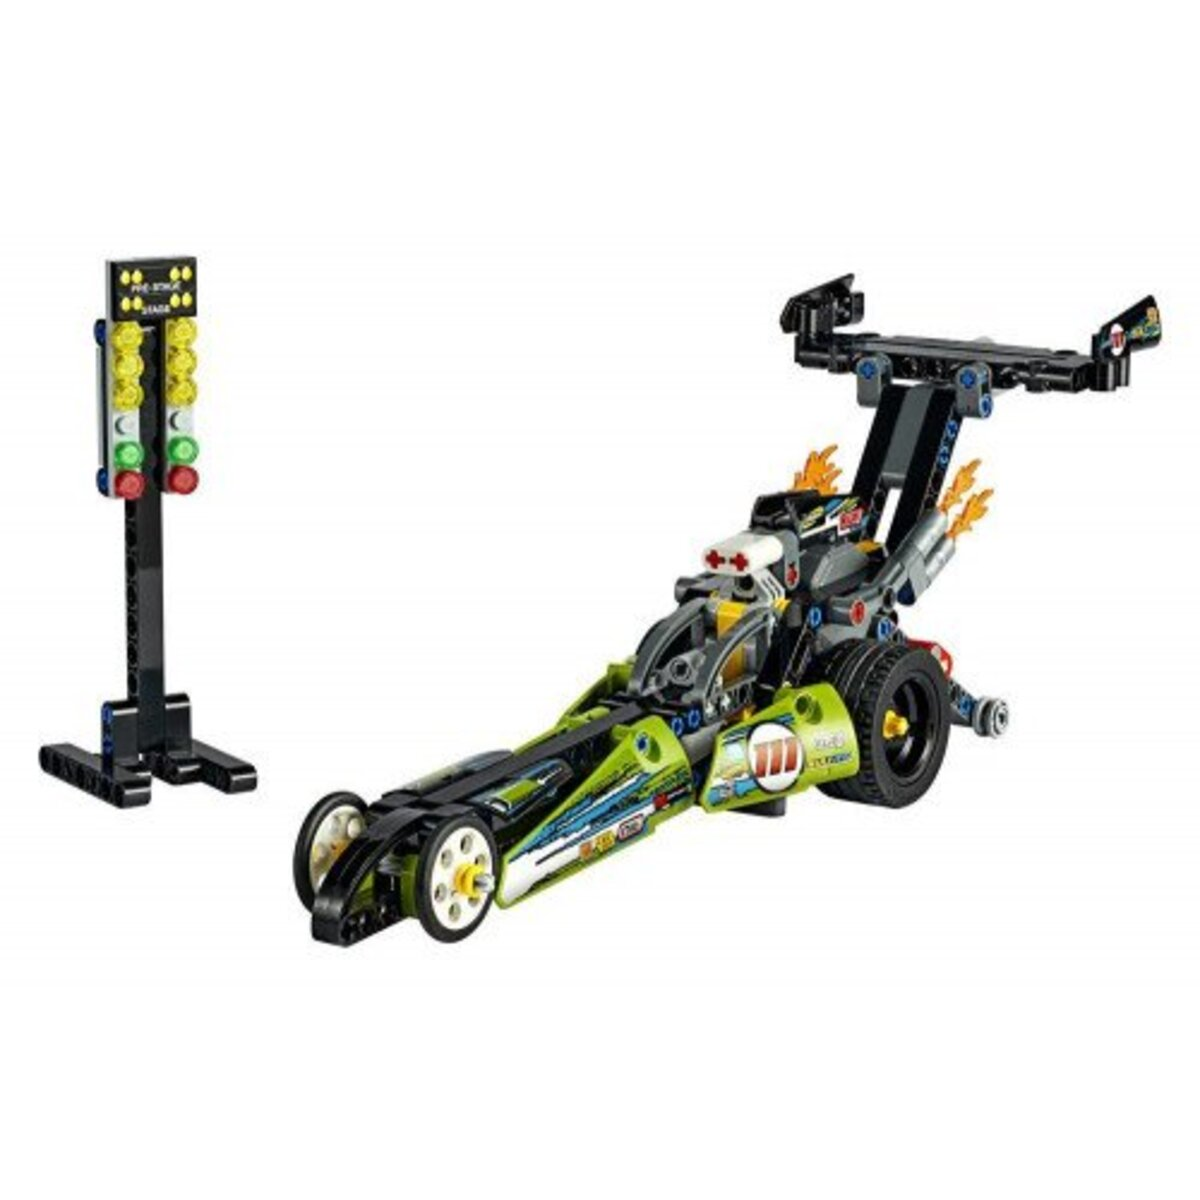 Bild 3 von LEGO Technic 42103 Dragster Rennauto